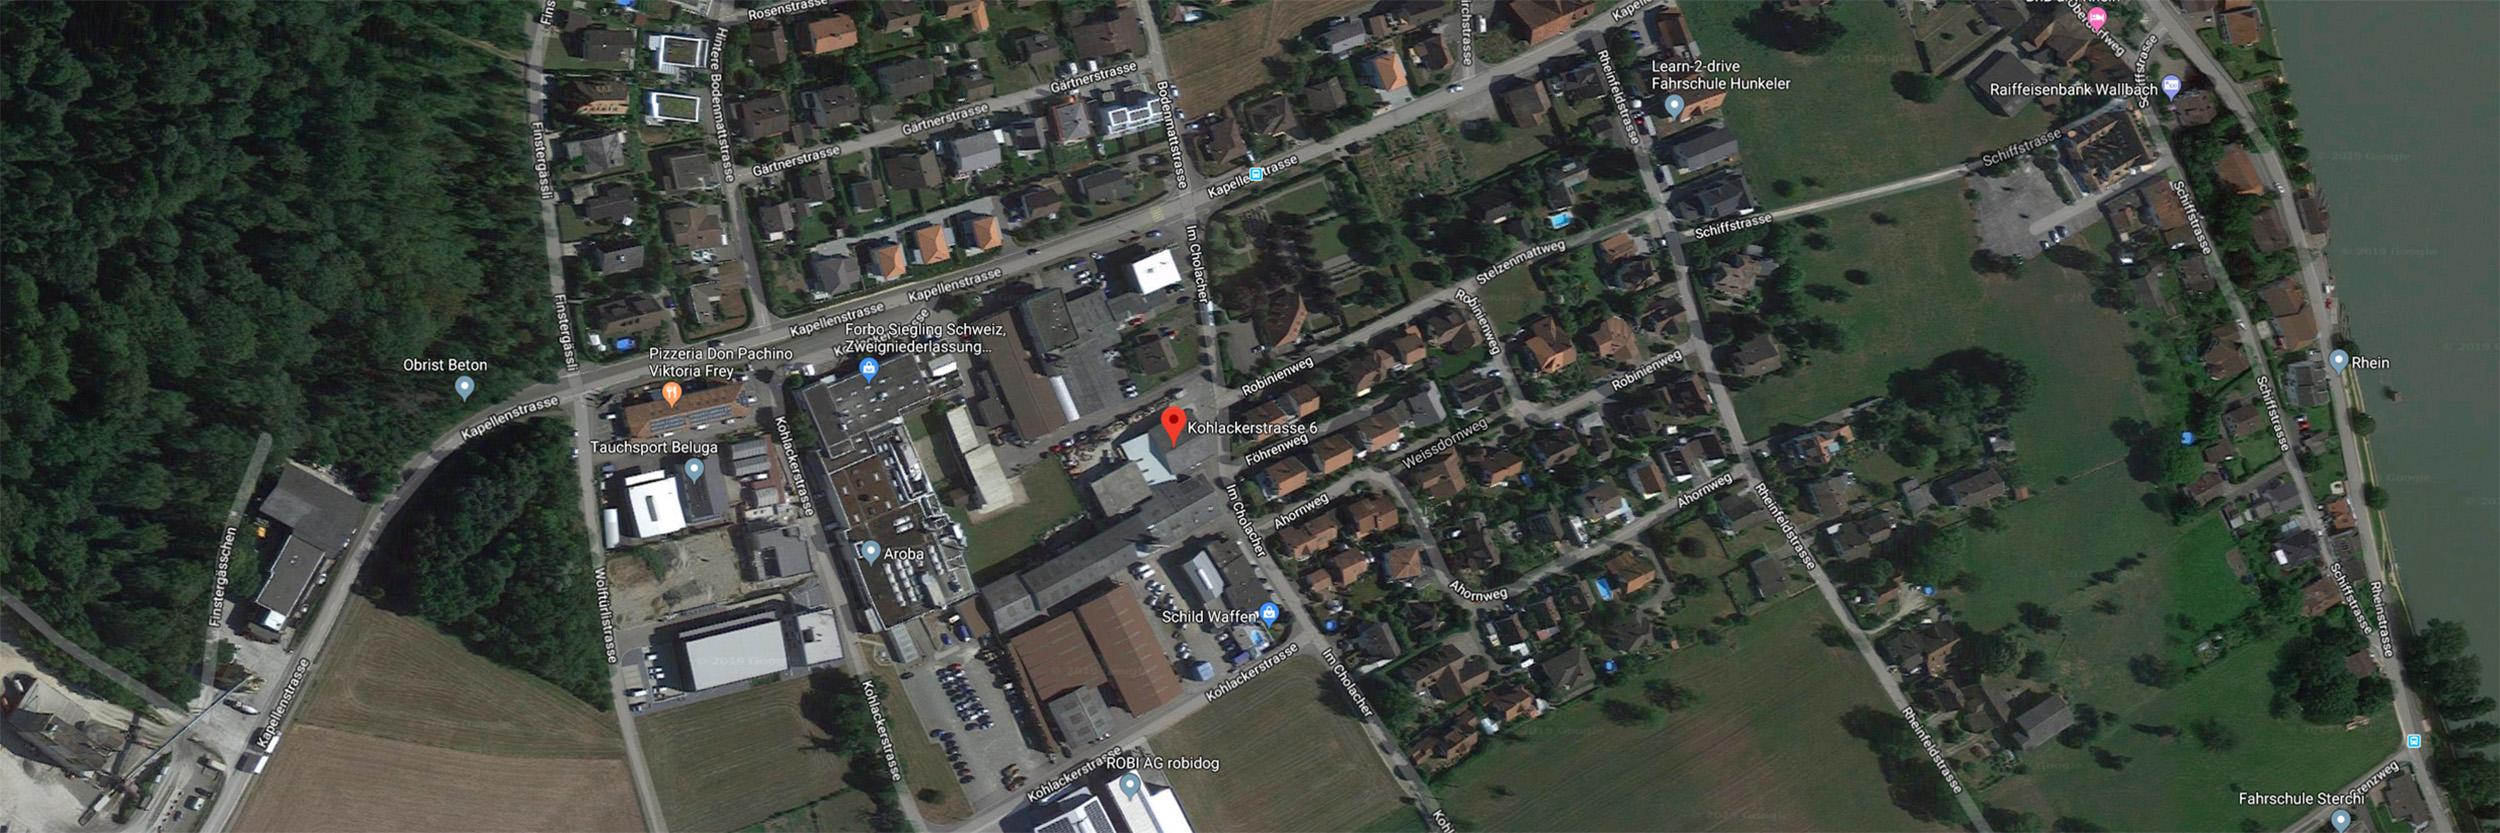 M.Rebmann GmbH auf Google Maps